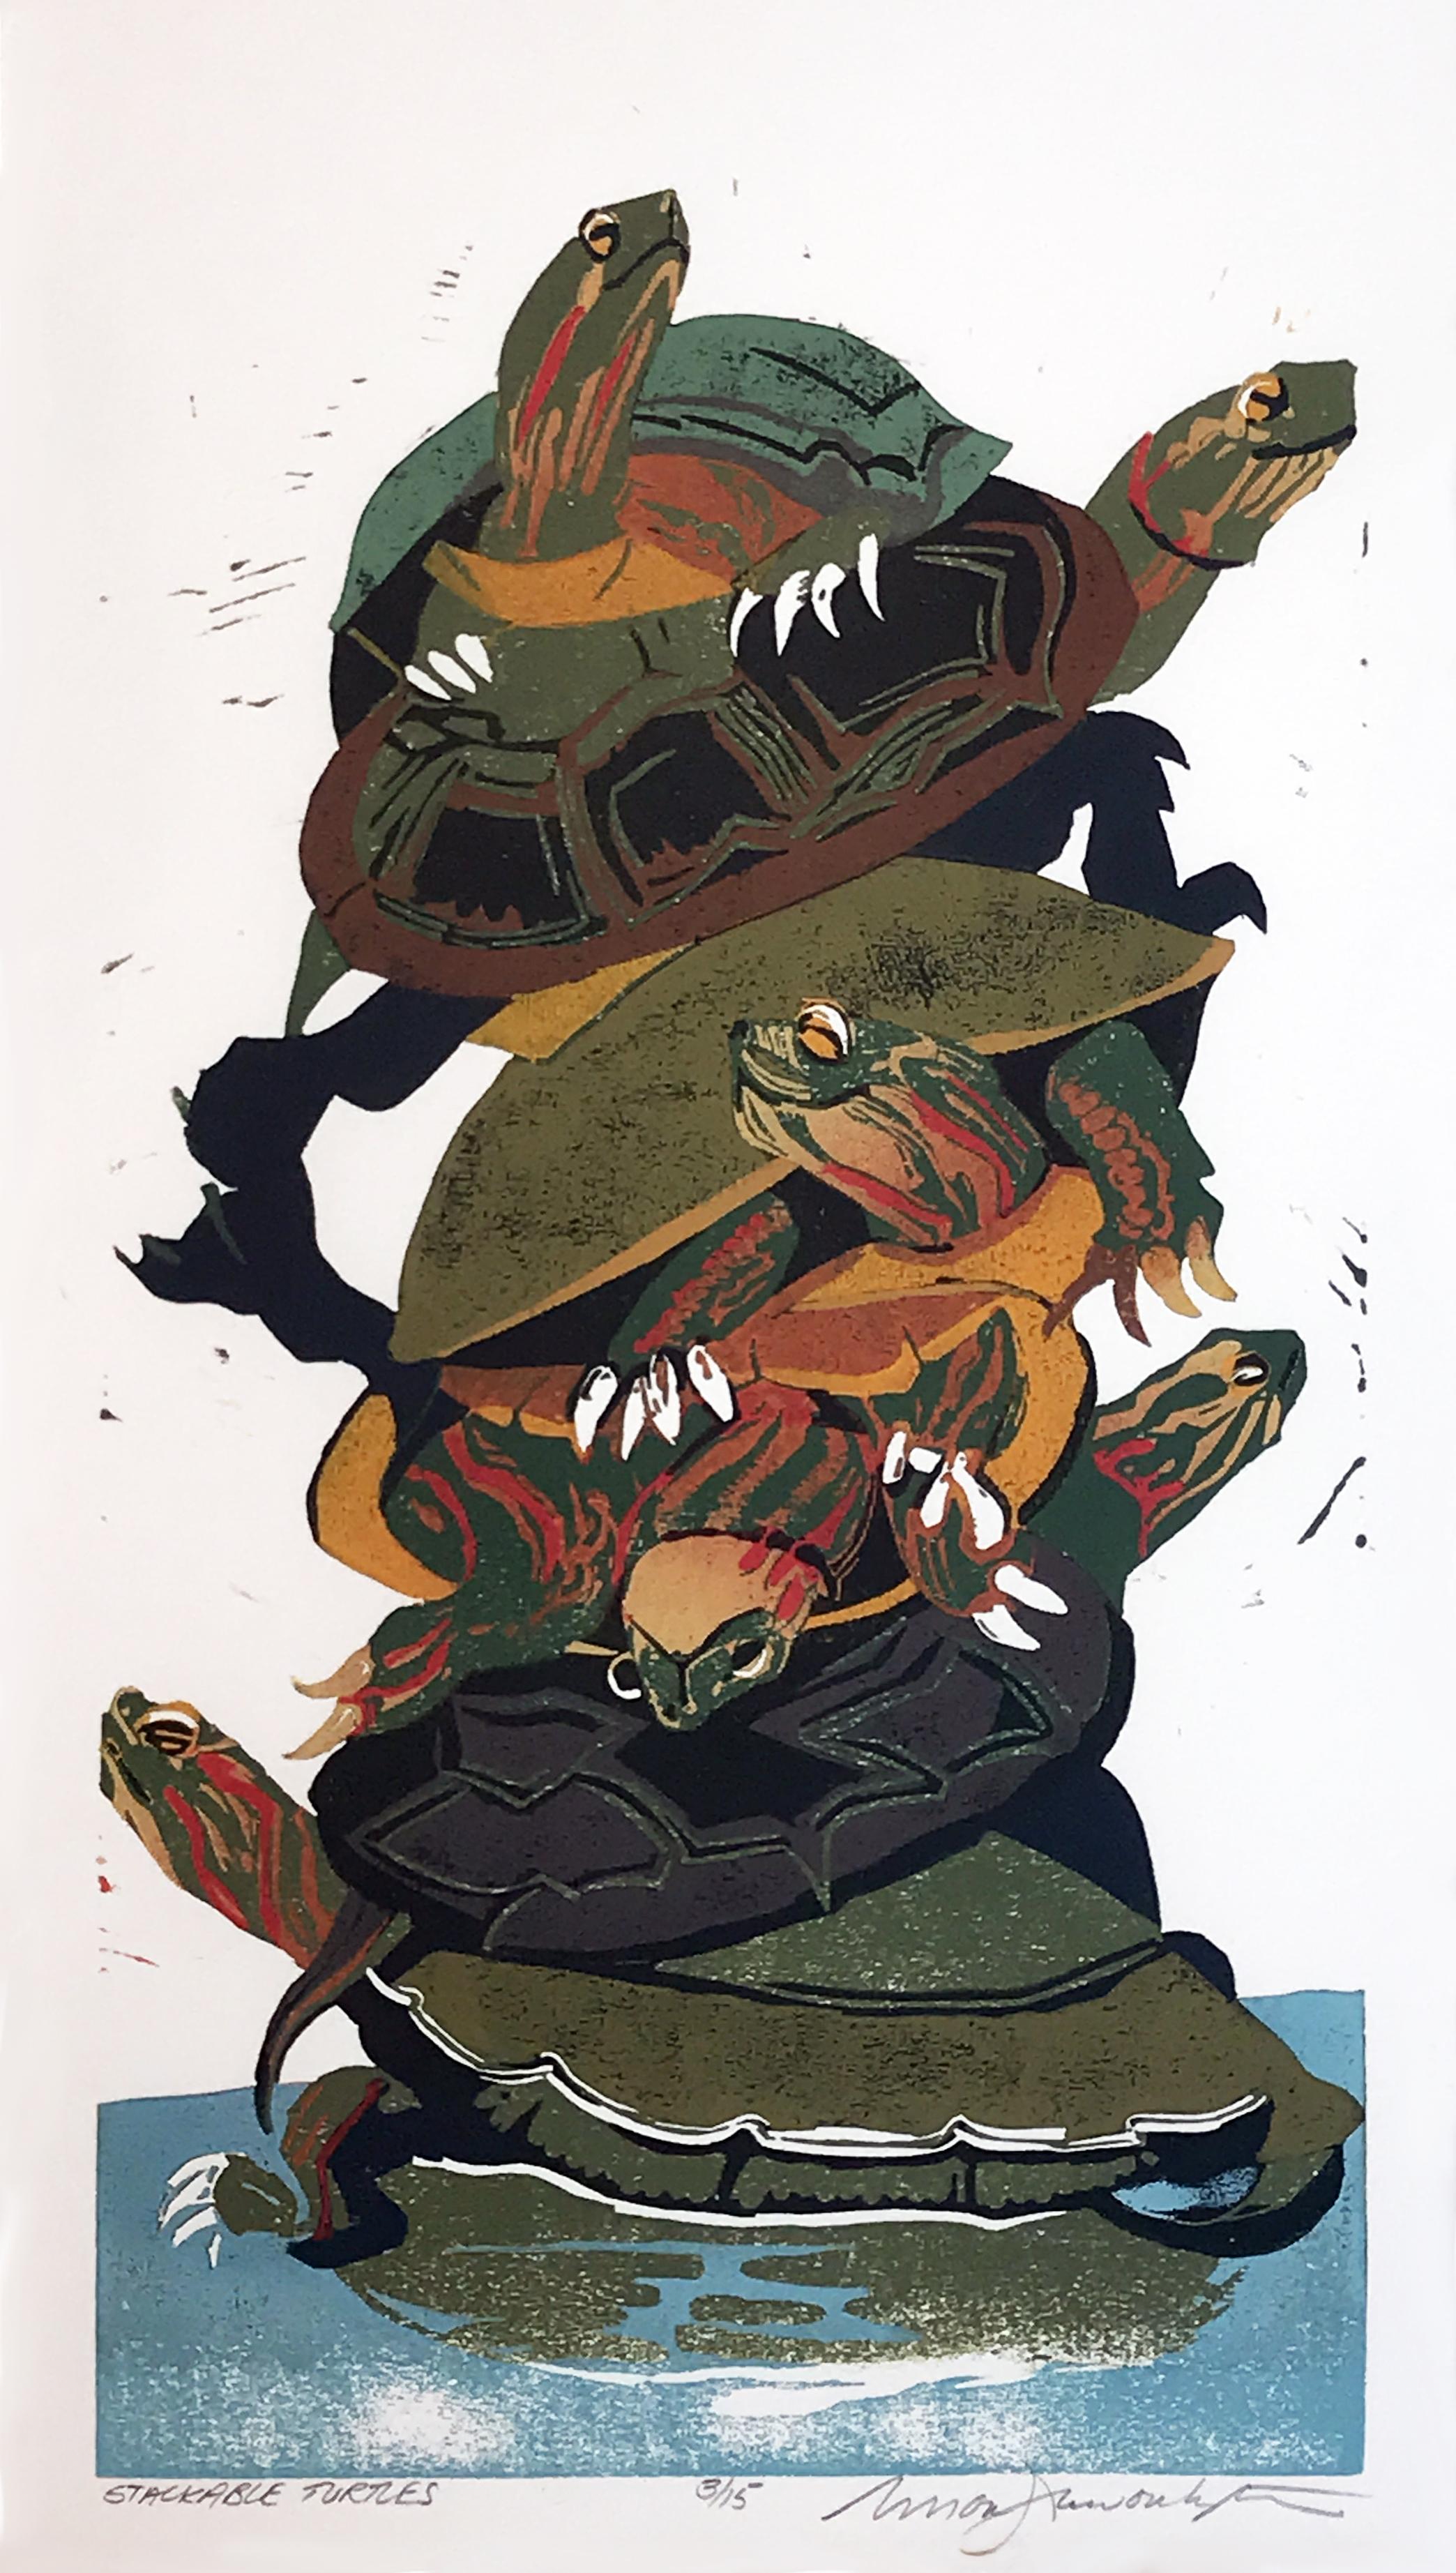 """Susan Jaworski-Stranc ,  Stackable Turtles (2/15) , reduction linoleum print on paper, 24"""" x 15"""" framed, $750"""